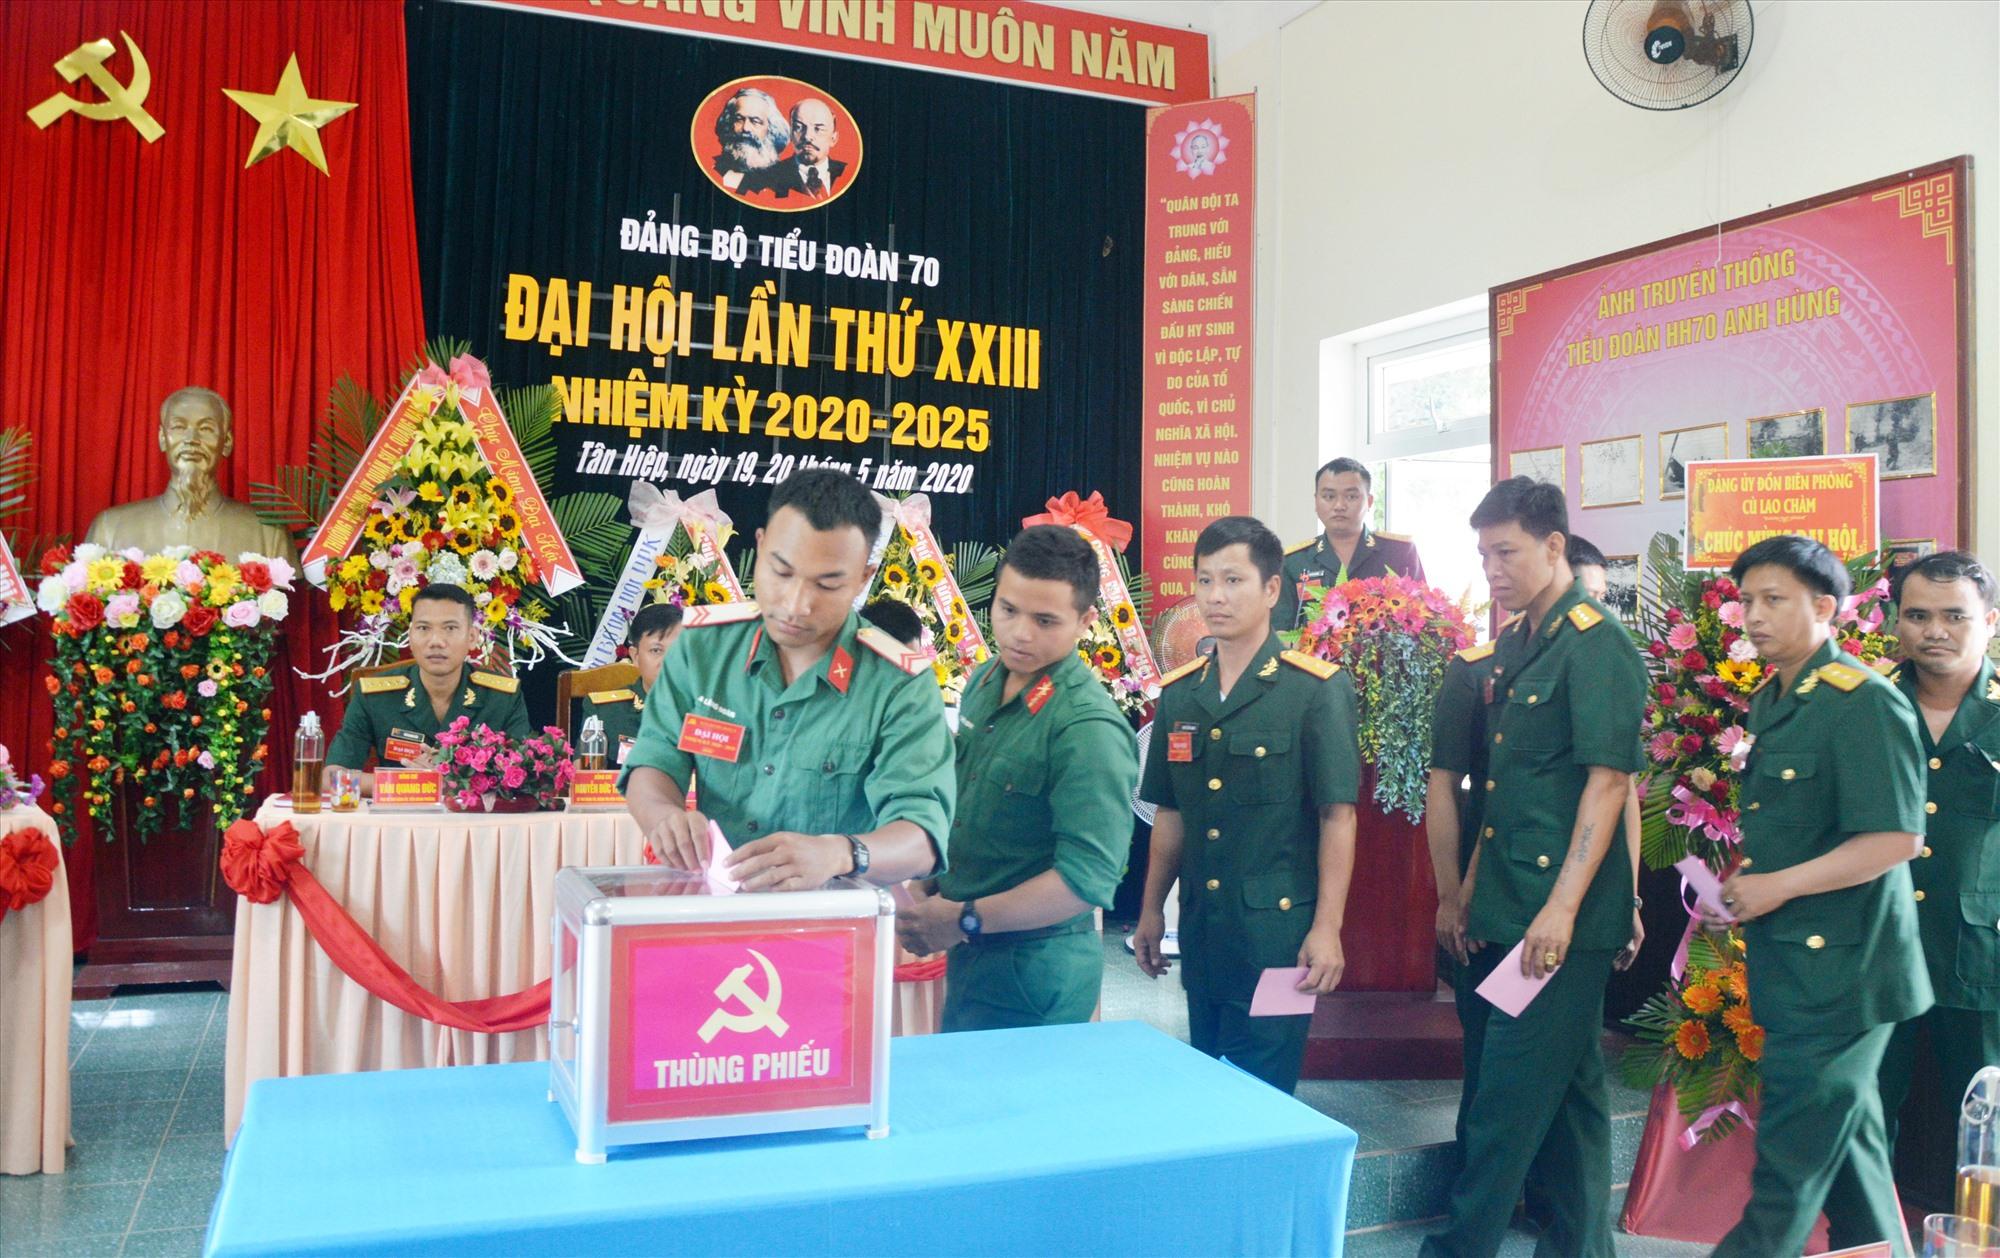 Bầu Ban Chấp hành Đảng bộ Tiểu đoàn 70, nhiệm kỳ 2020-2025.